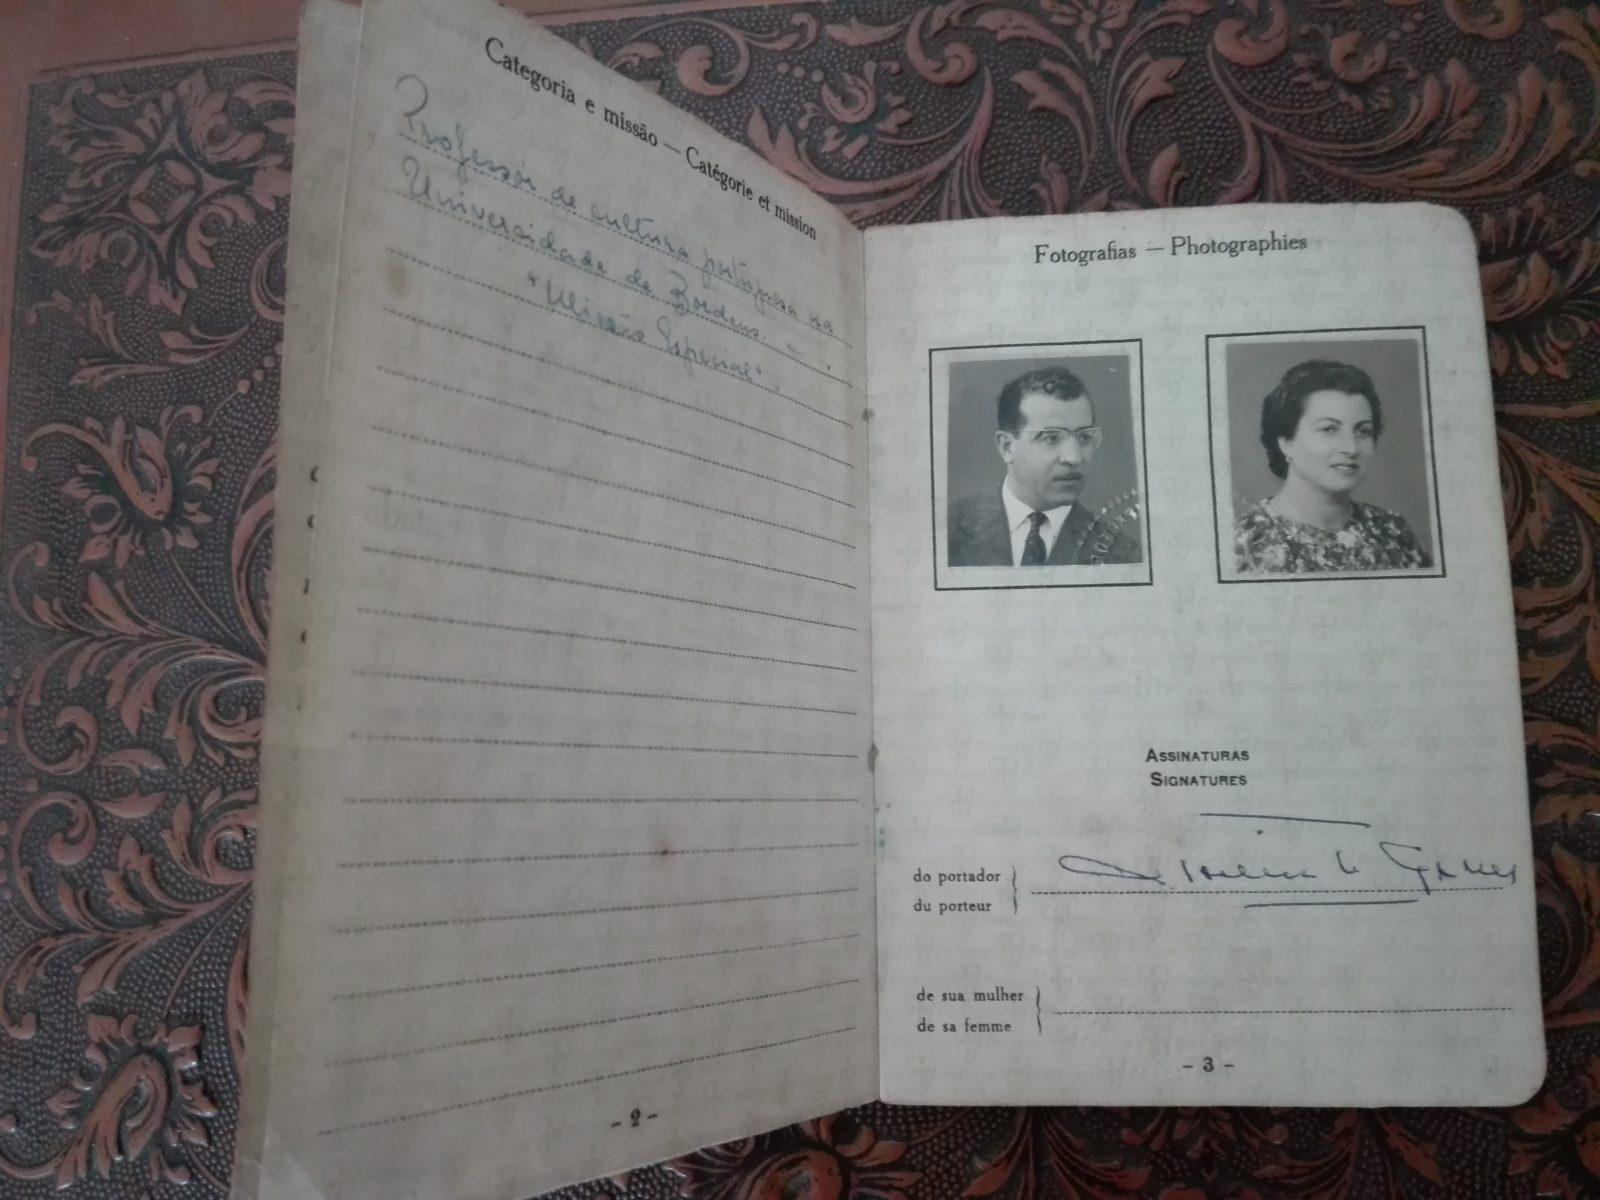 Passaporte especial Agostinho Gomes